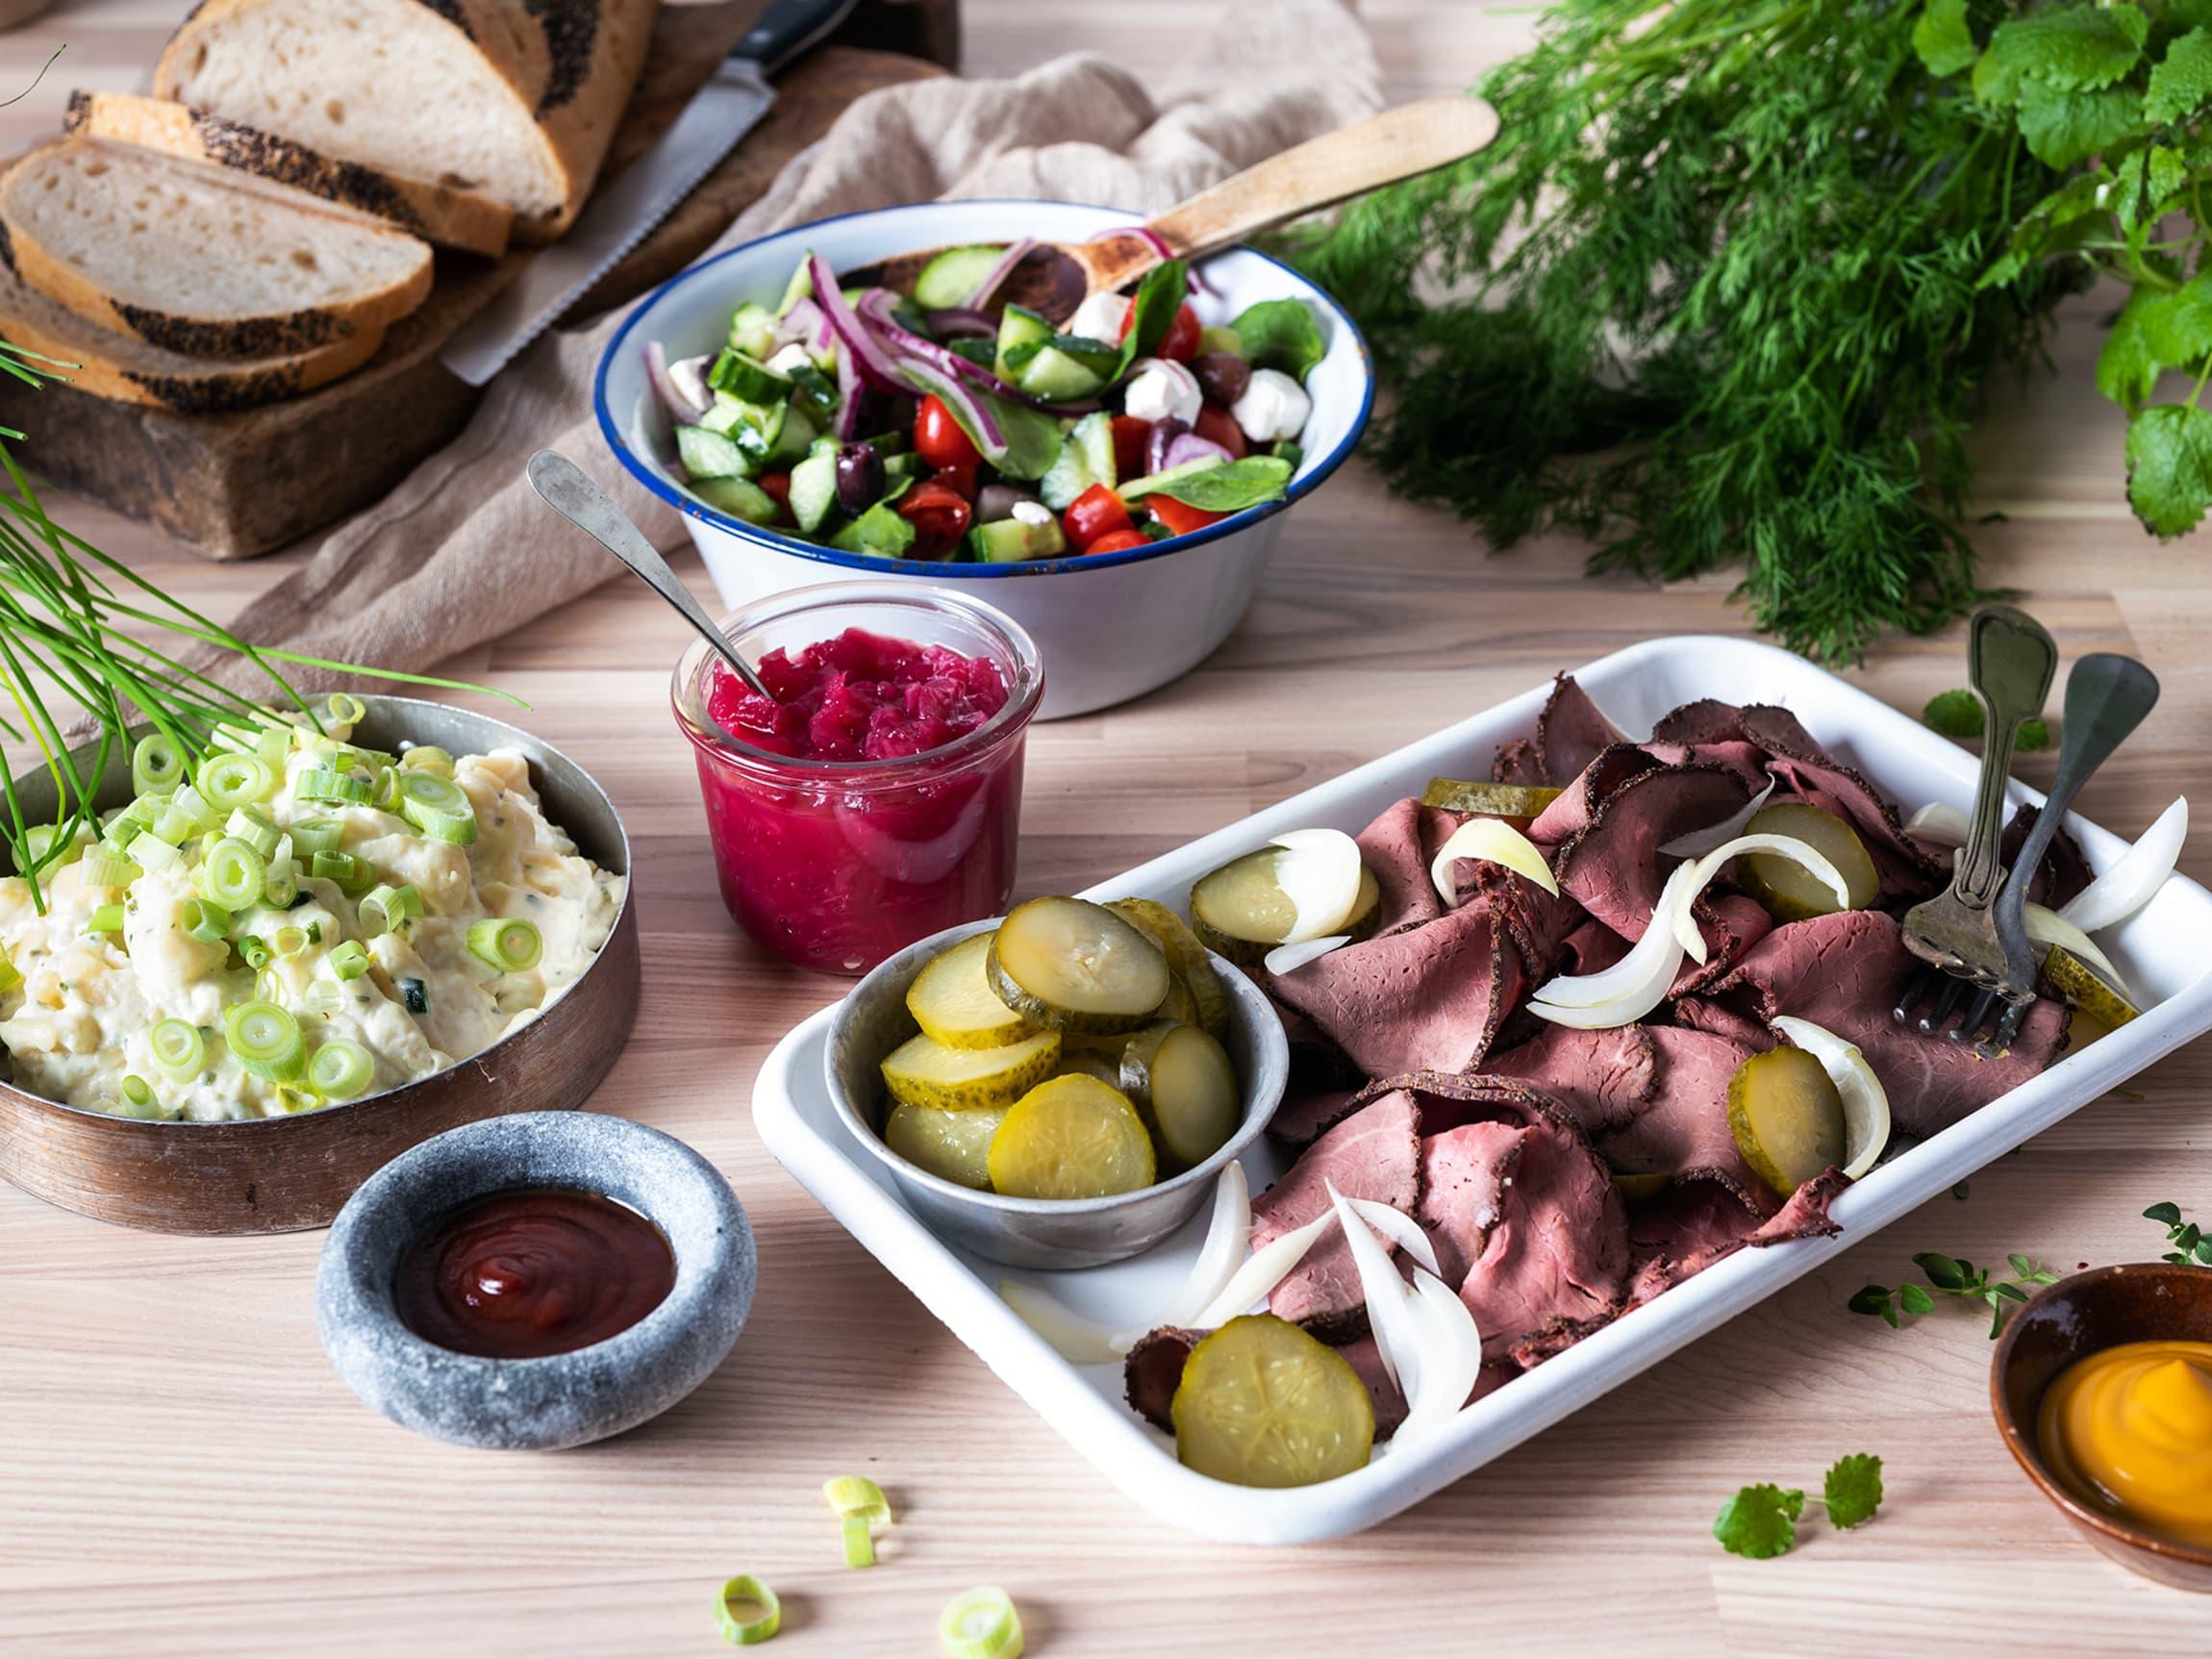 Skivet roastbiff, gresk salat og potetsalat finner du alltid i ferskvaredisken, og du kan få akkurat de mengdene du trenger.